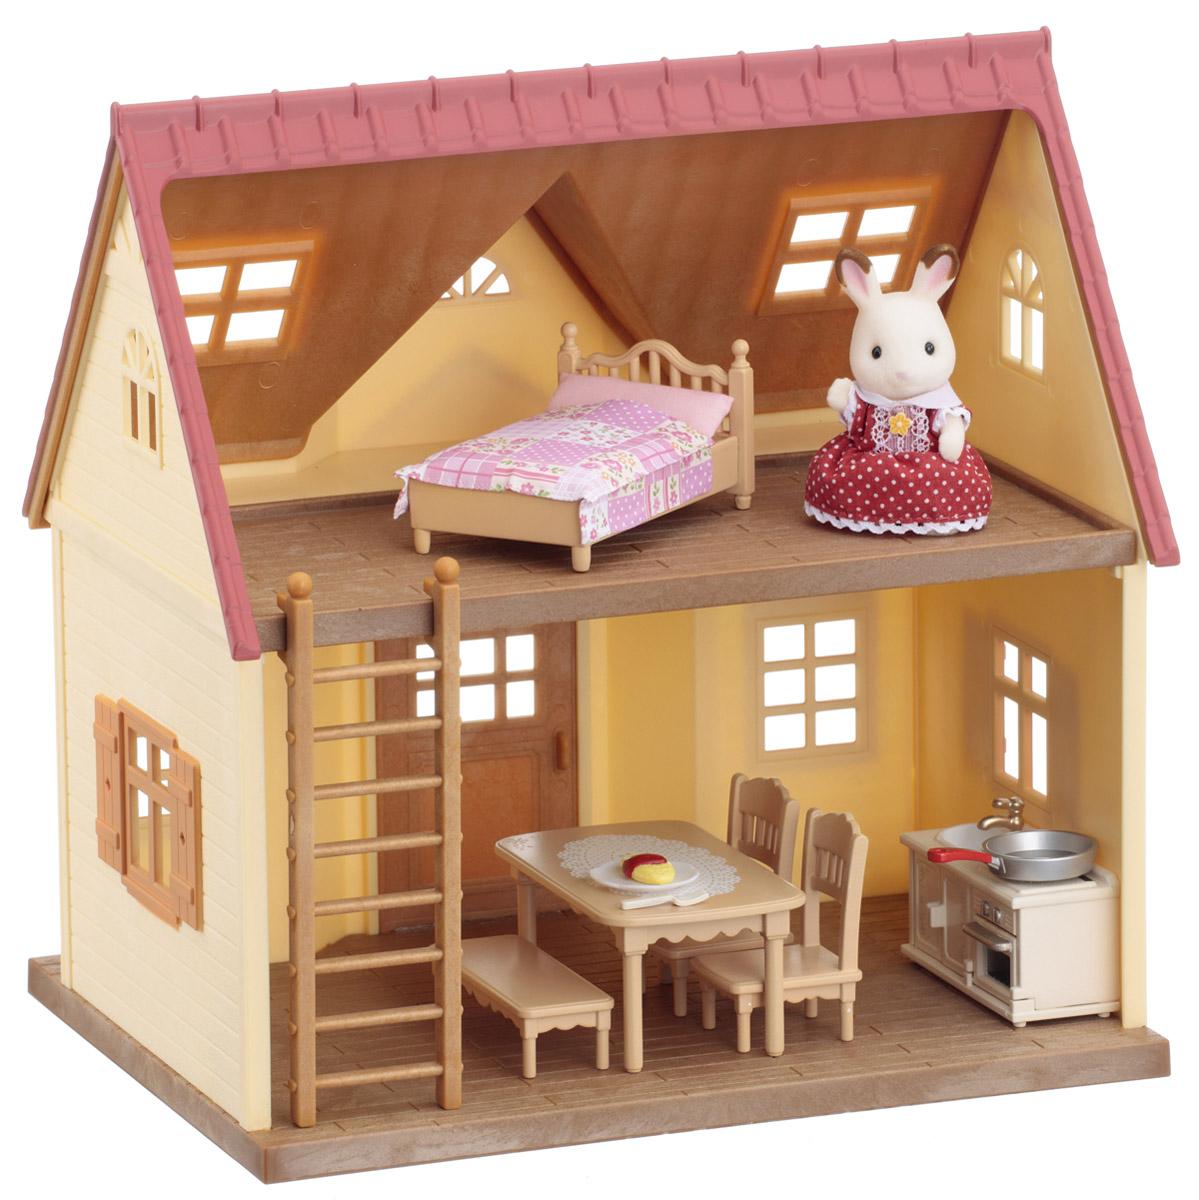 Sylvanian Families Игровой набор Дом Марии игровые наборы sylvanian families набор мебель для дома марии